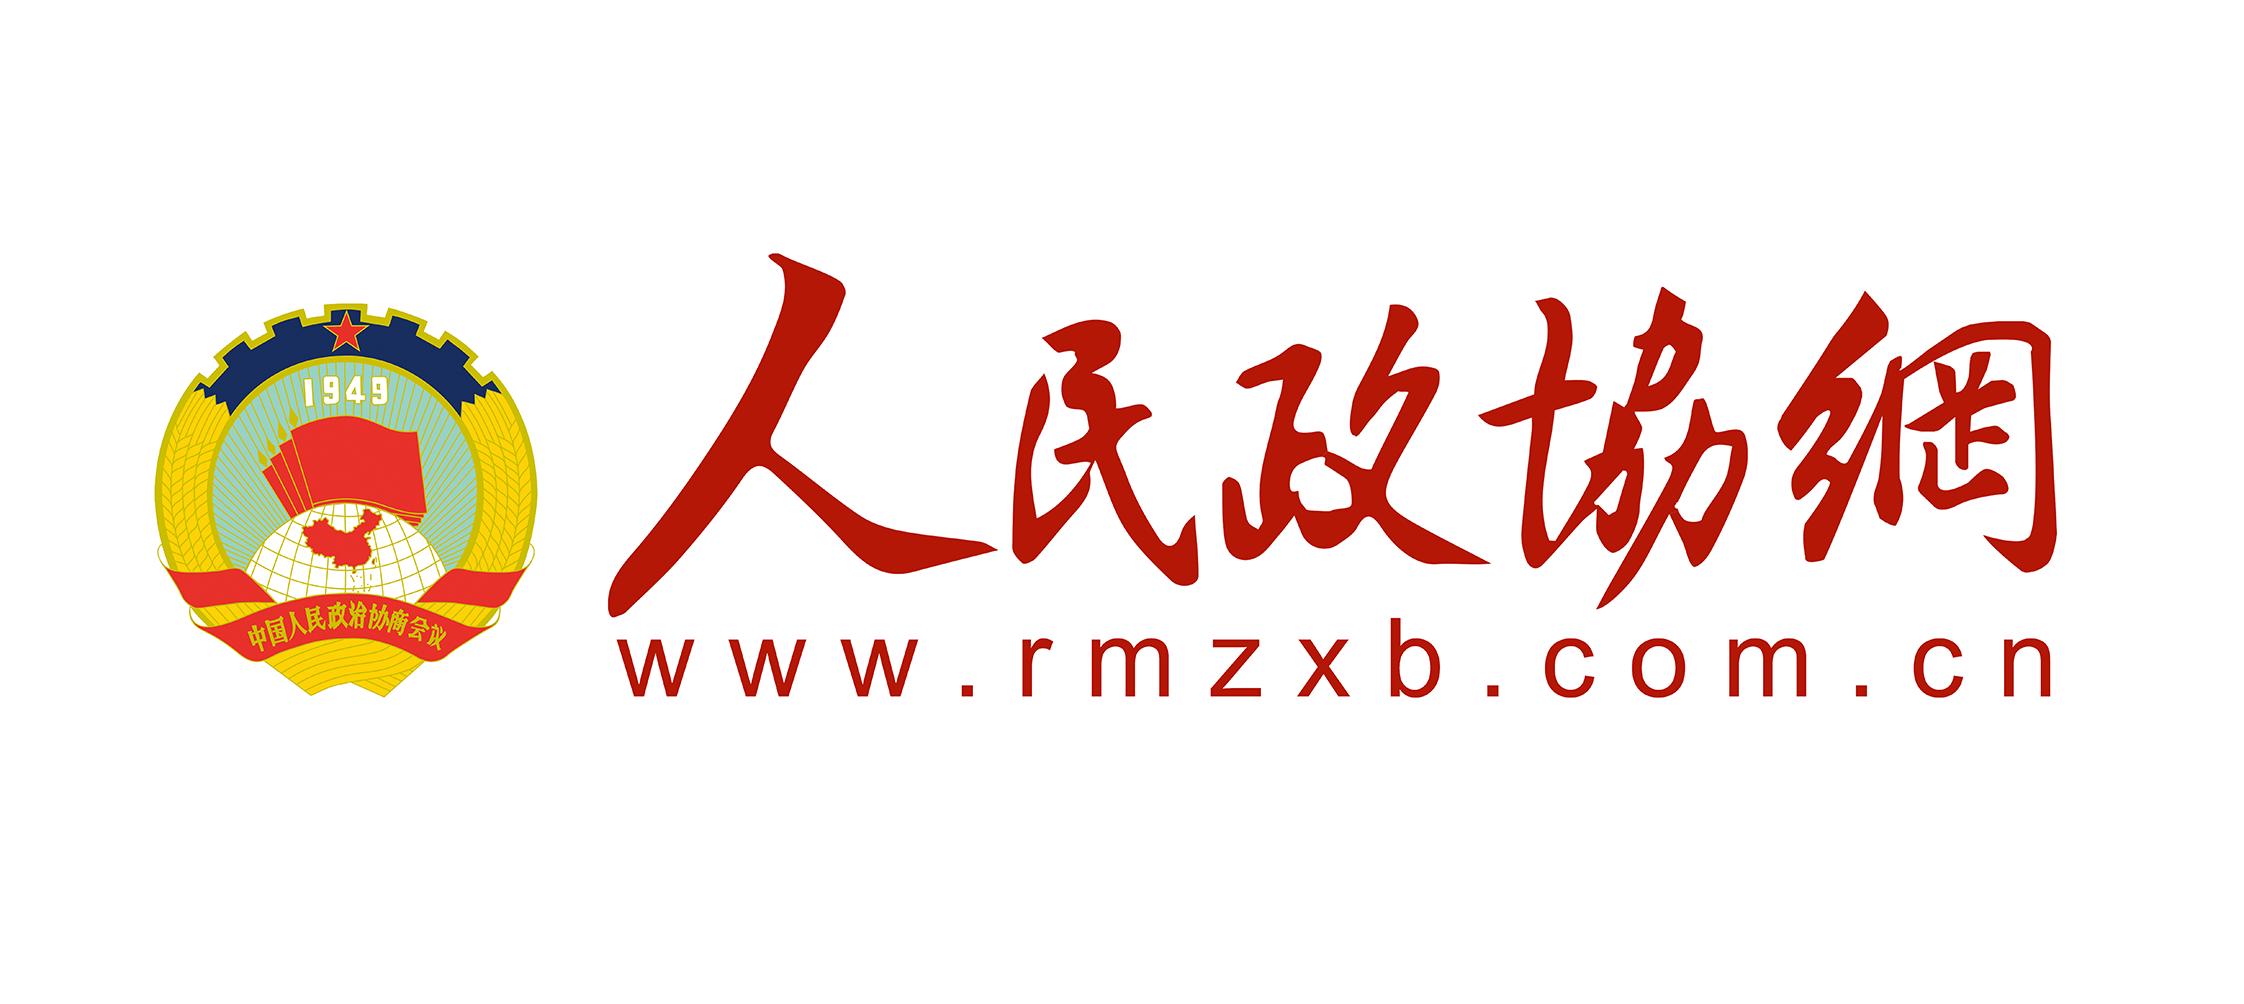 人民政协网LOGO-网站首页用